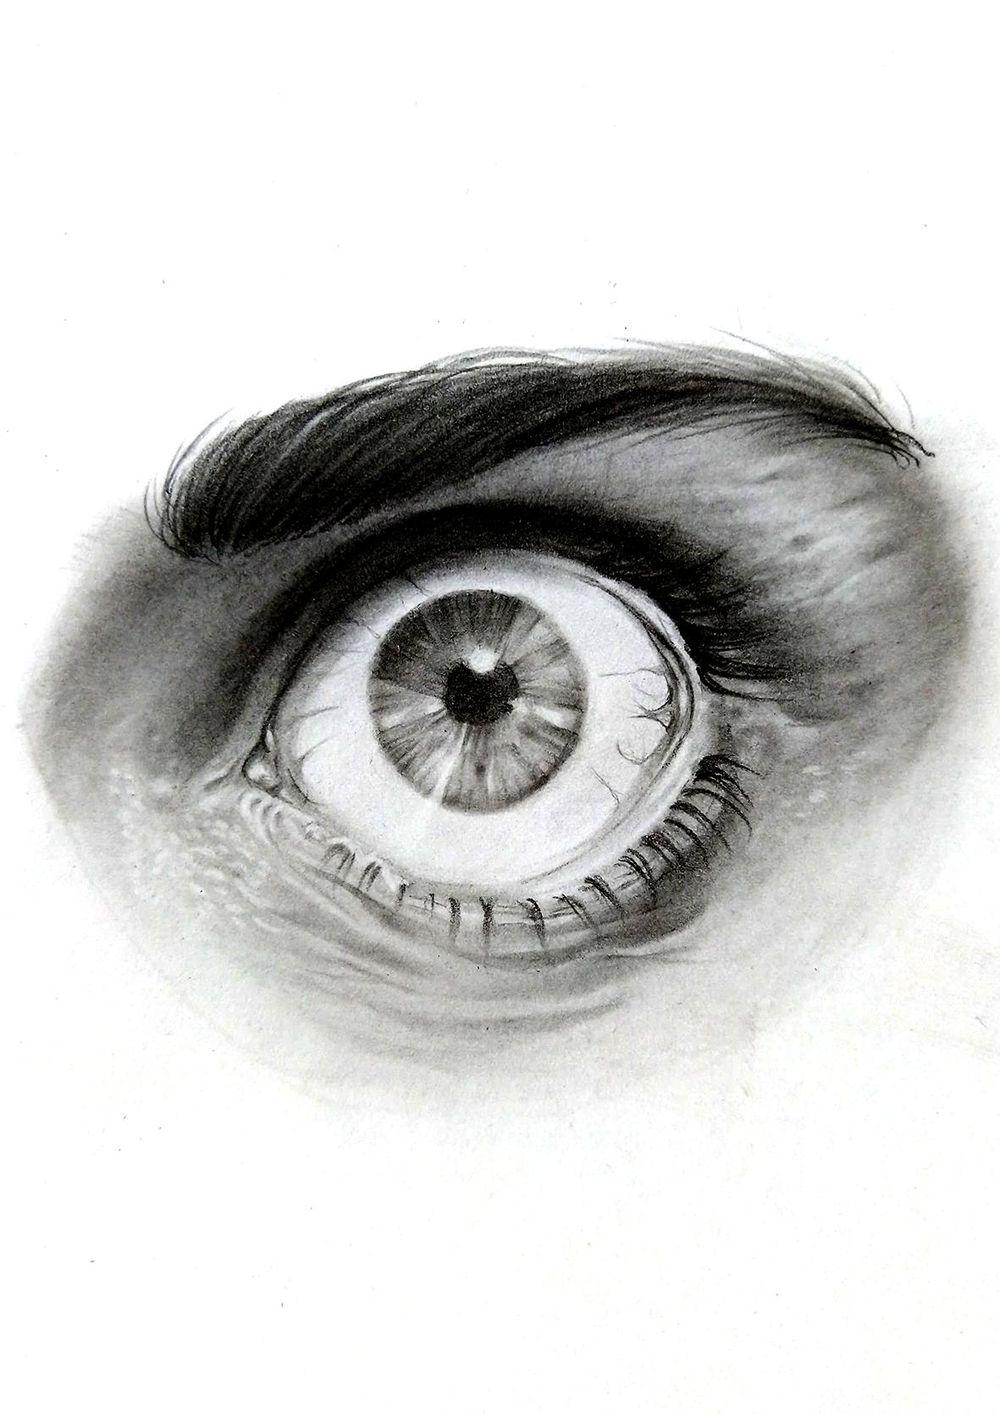 Pencil Portrait - practice - image 4 - student project